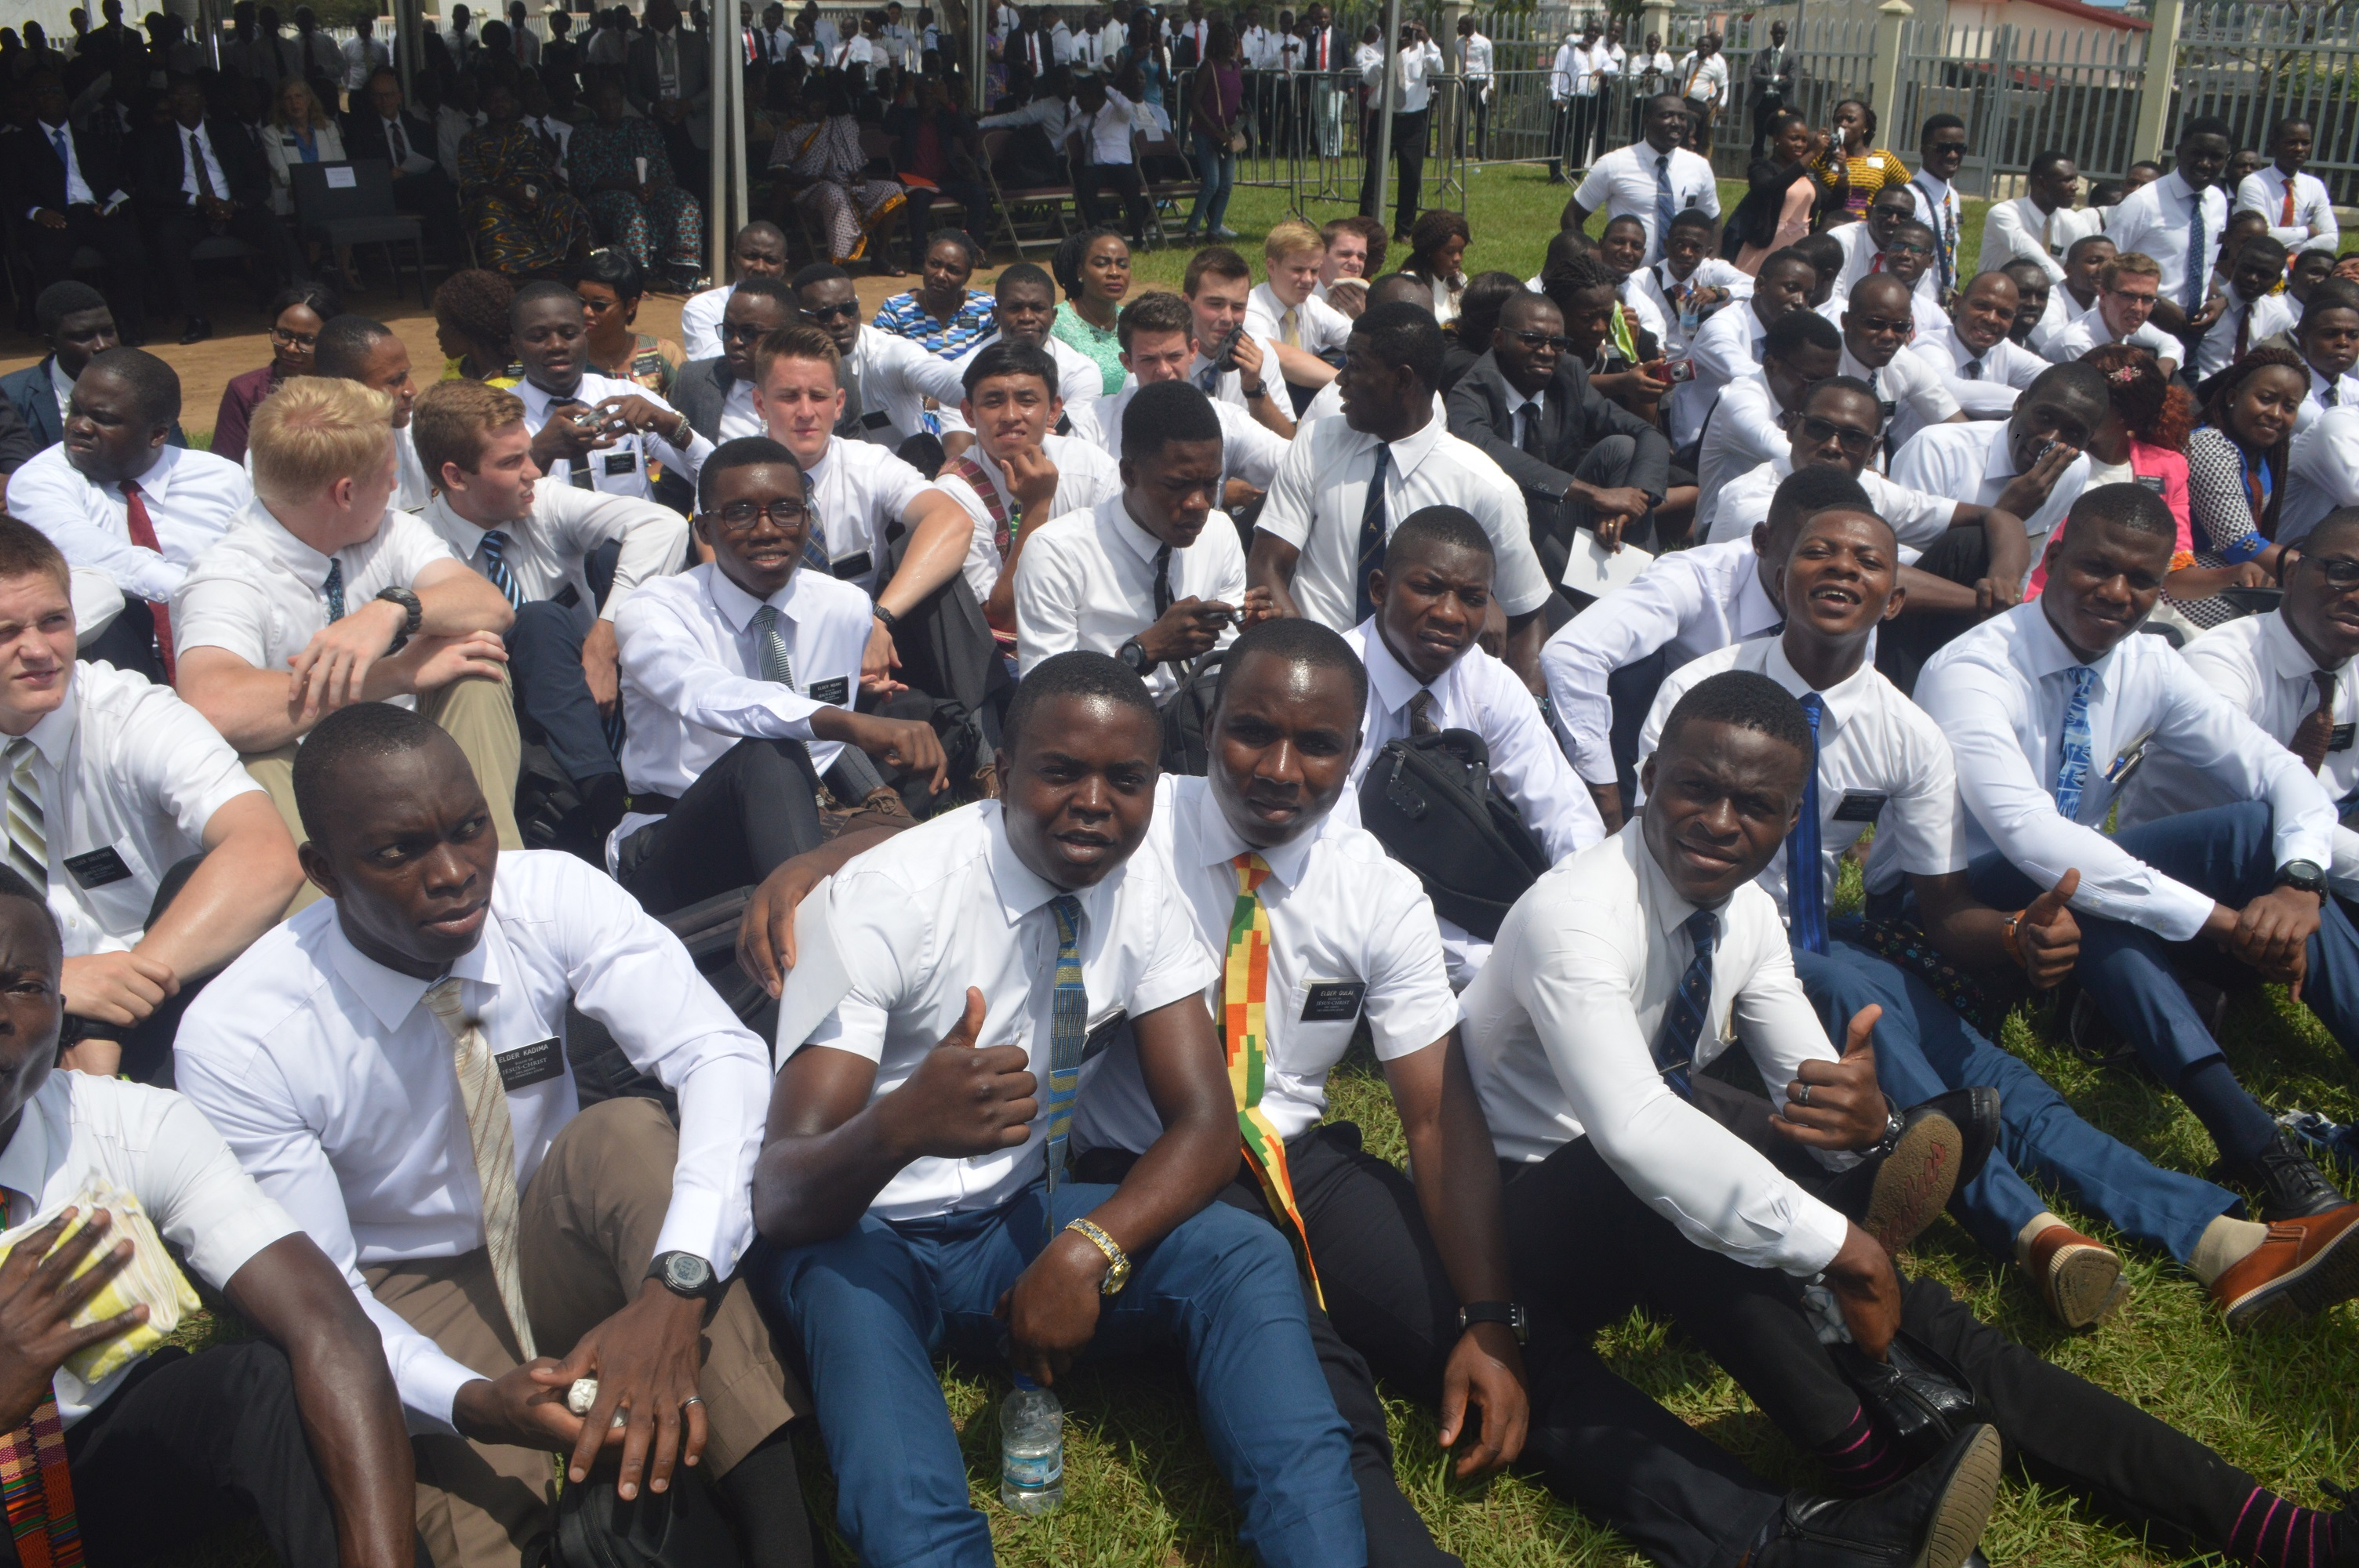 Convidados pelo élder Neil L. Andersen para se aproximarem da cerimônia de abertura de terra, os missionários se reúnem no futuro local do Templo de Abidjan Costa do Marfim em 8 de novembro de 2018.